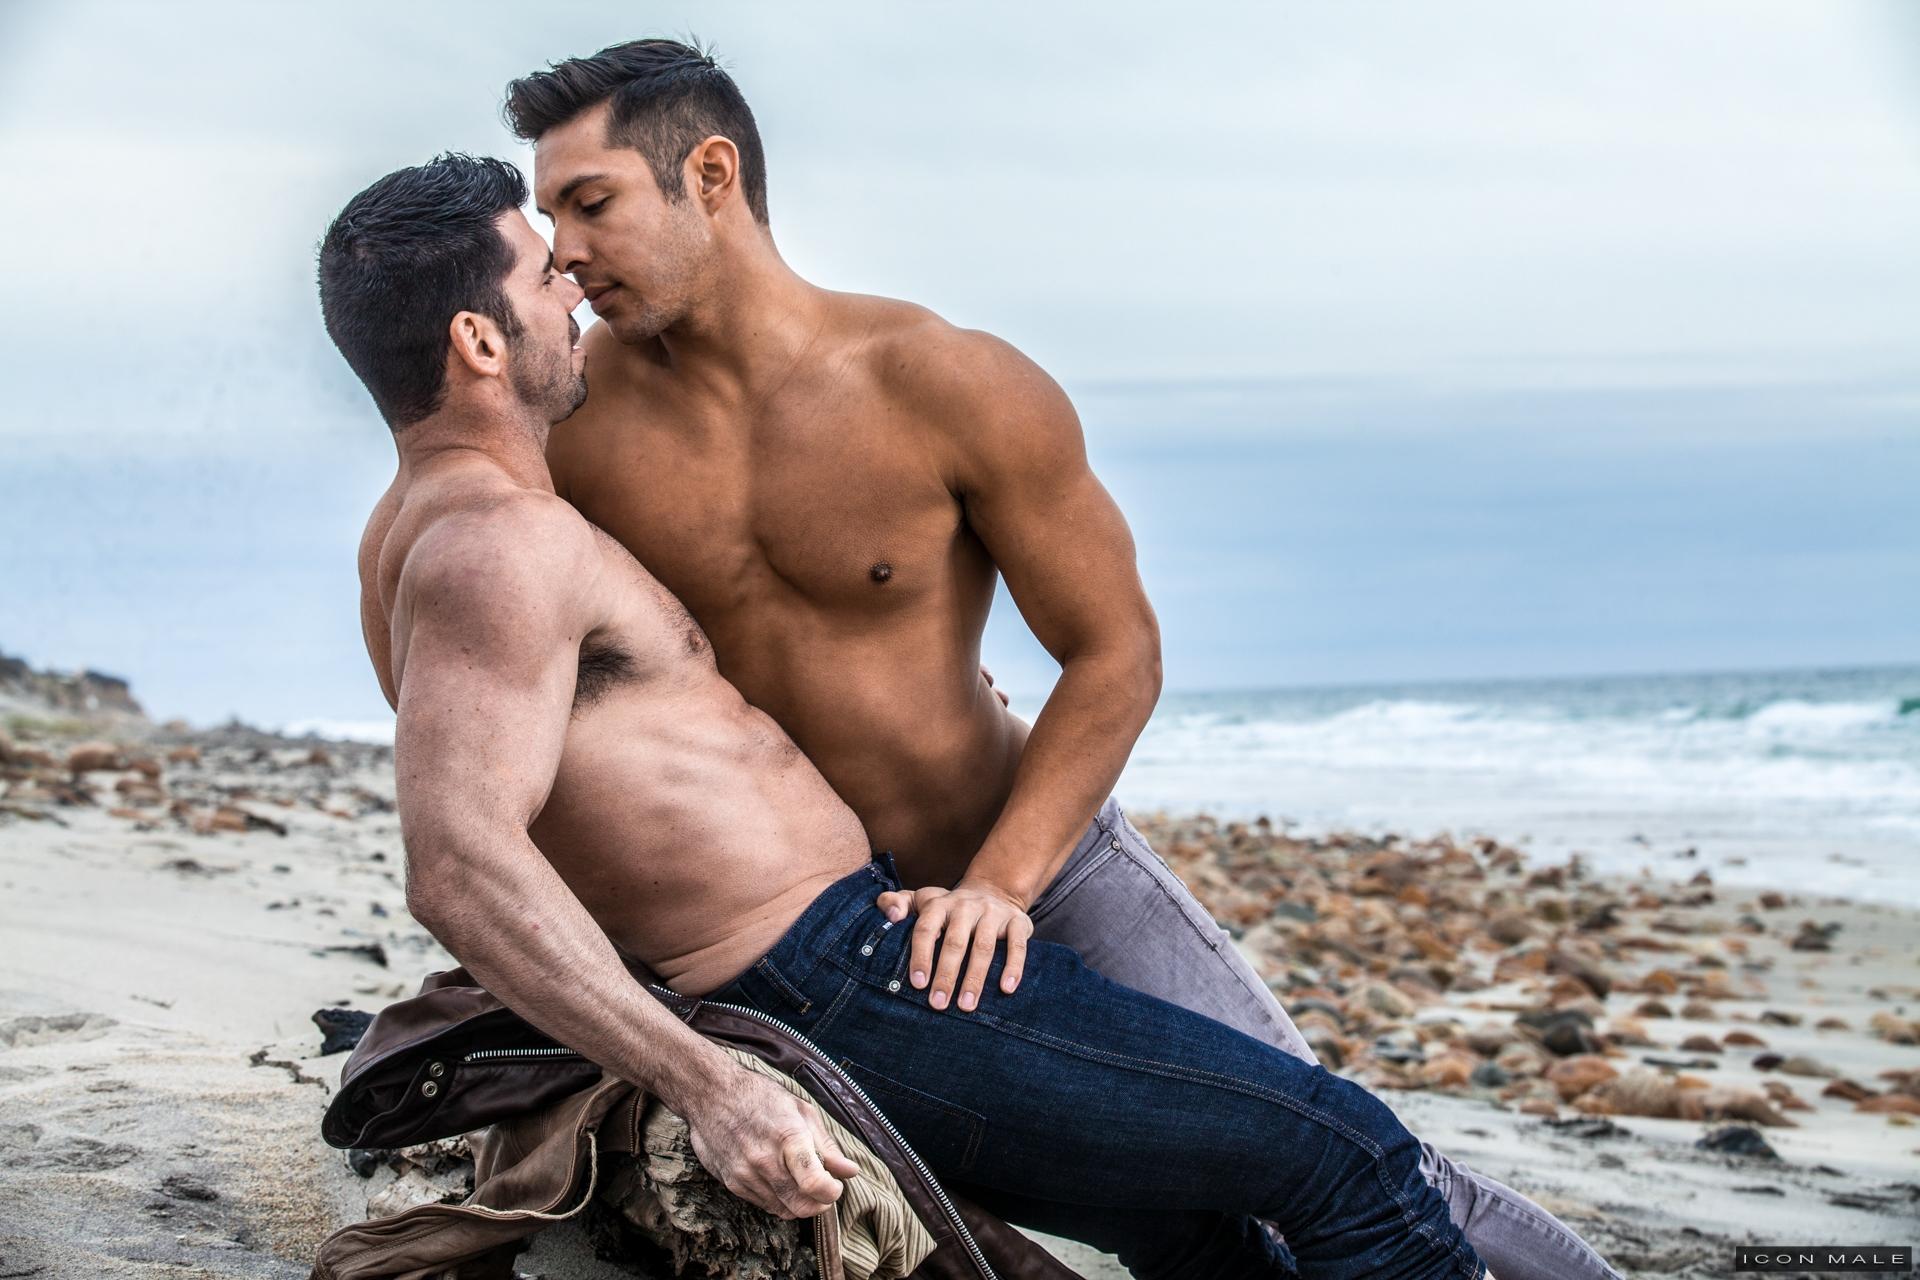 Real Couples Bareback: Seth Santoro and Billy Santoro